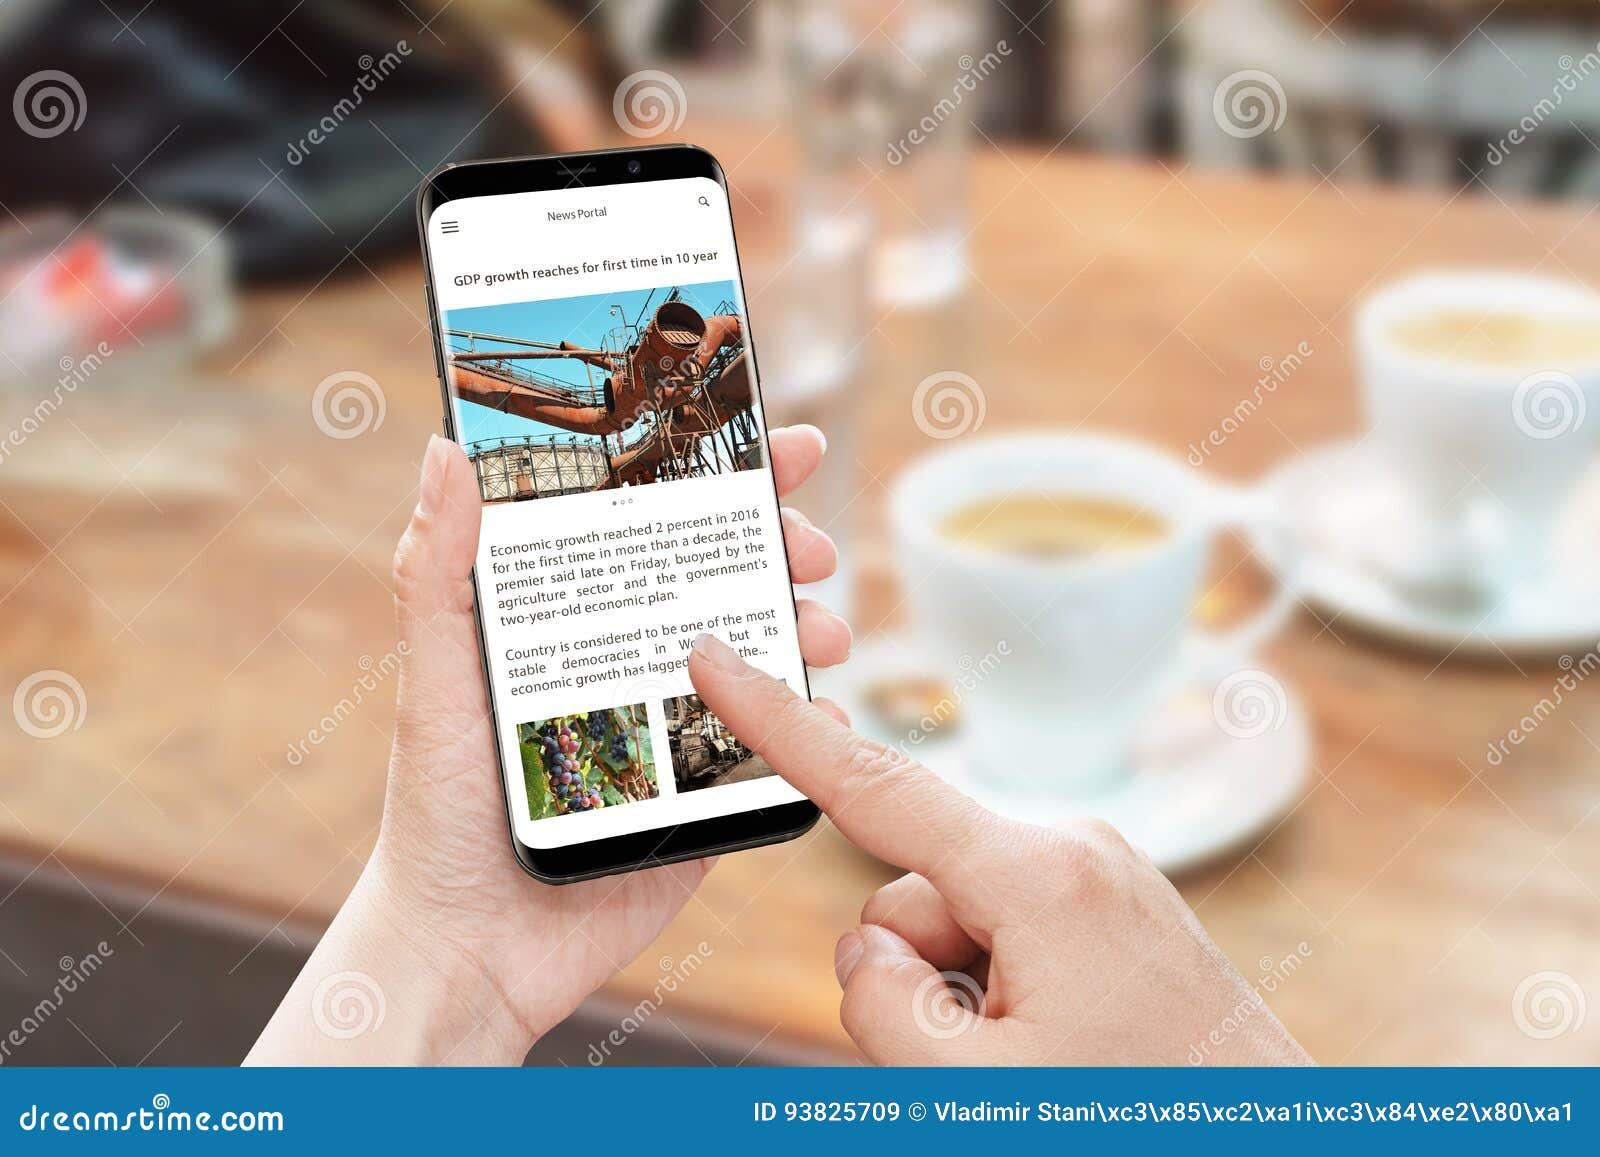 Leia o artigo noticioso com telefone esperto Site portal da notícia com informação do negócio